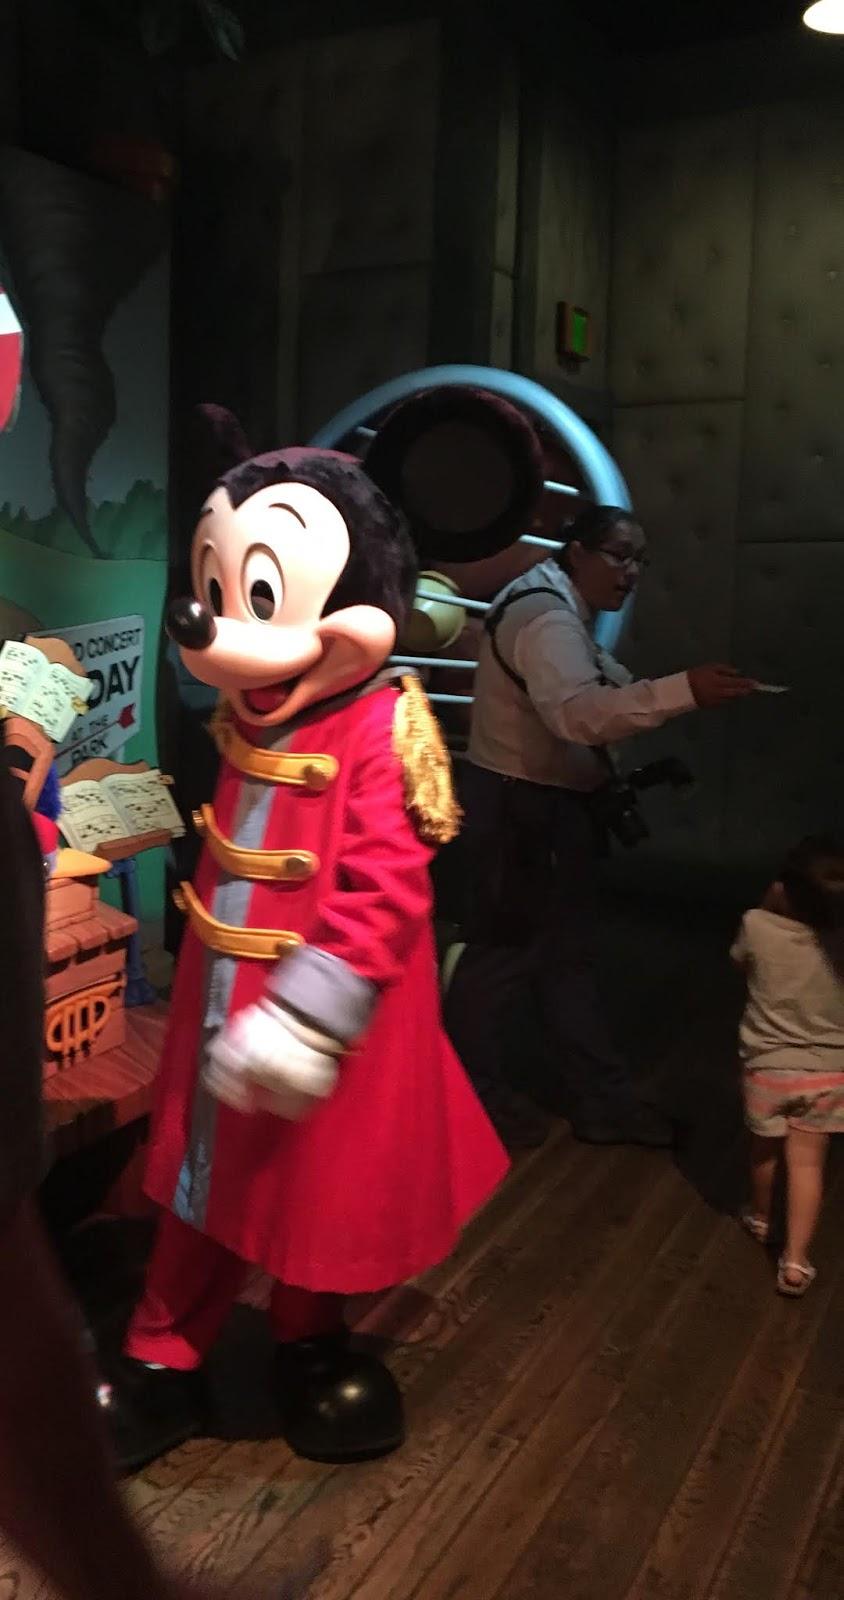 Meet Mickey Mouse in Toontown Disneyland